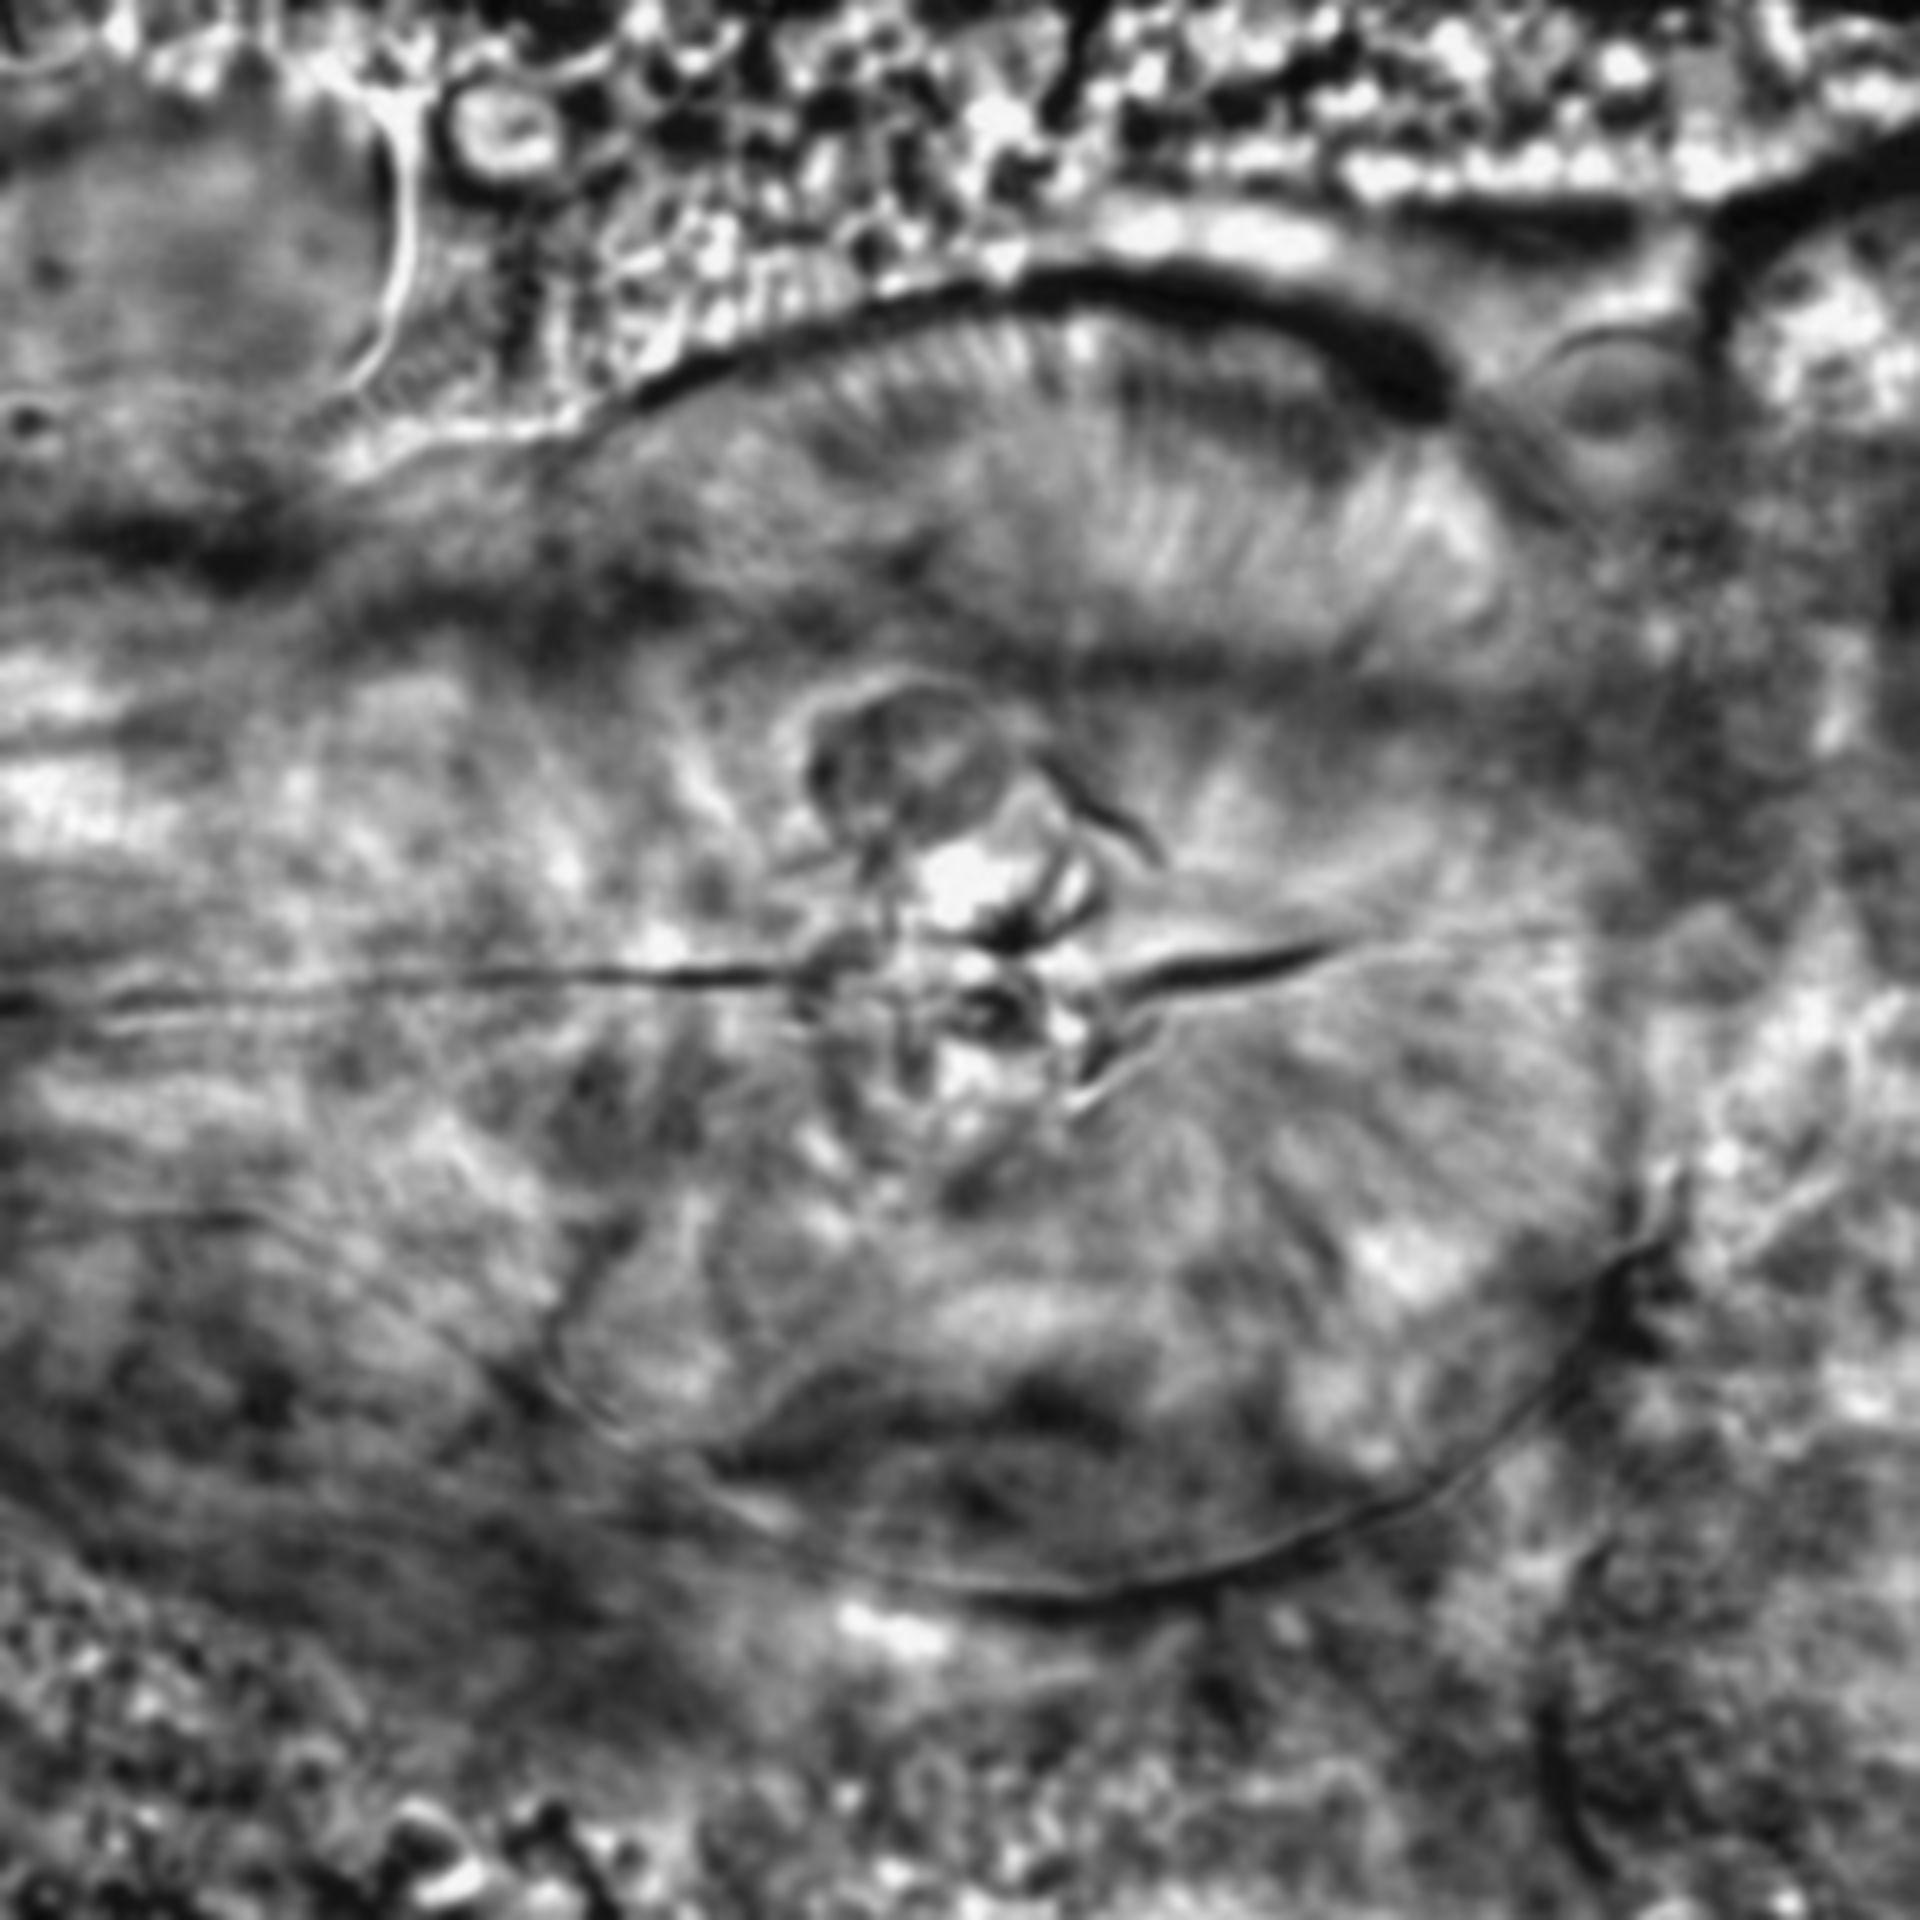 Caenorhabditis elegans - CIL:2207